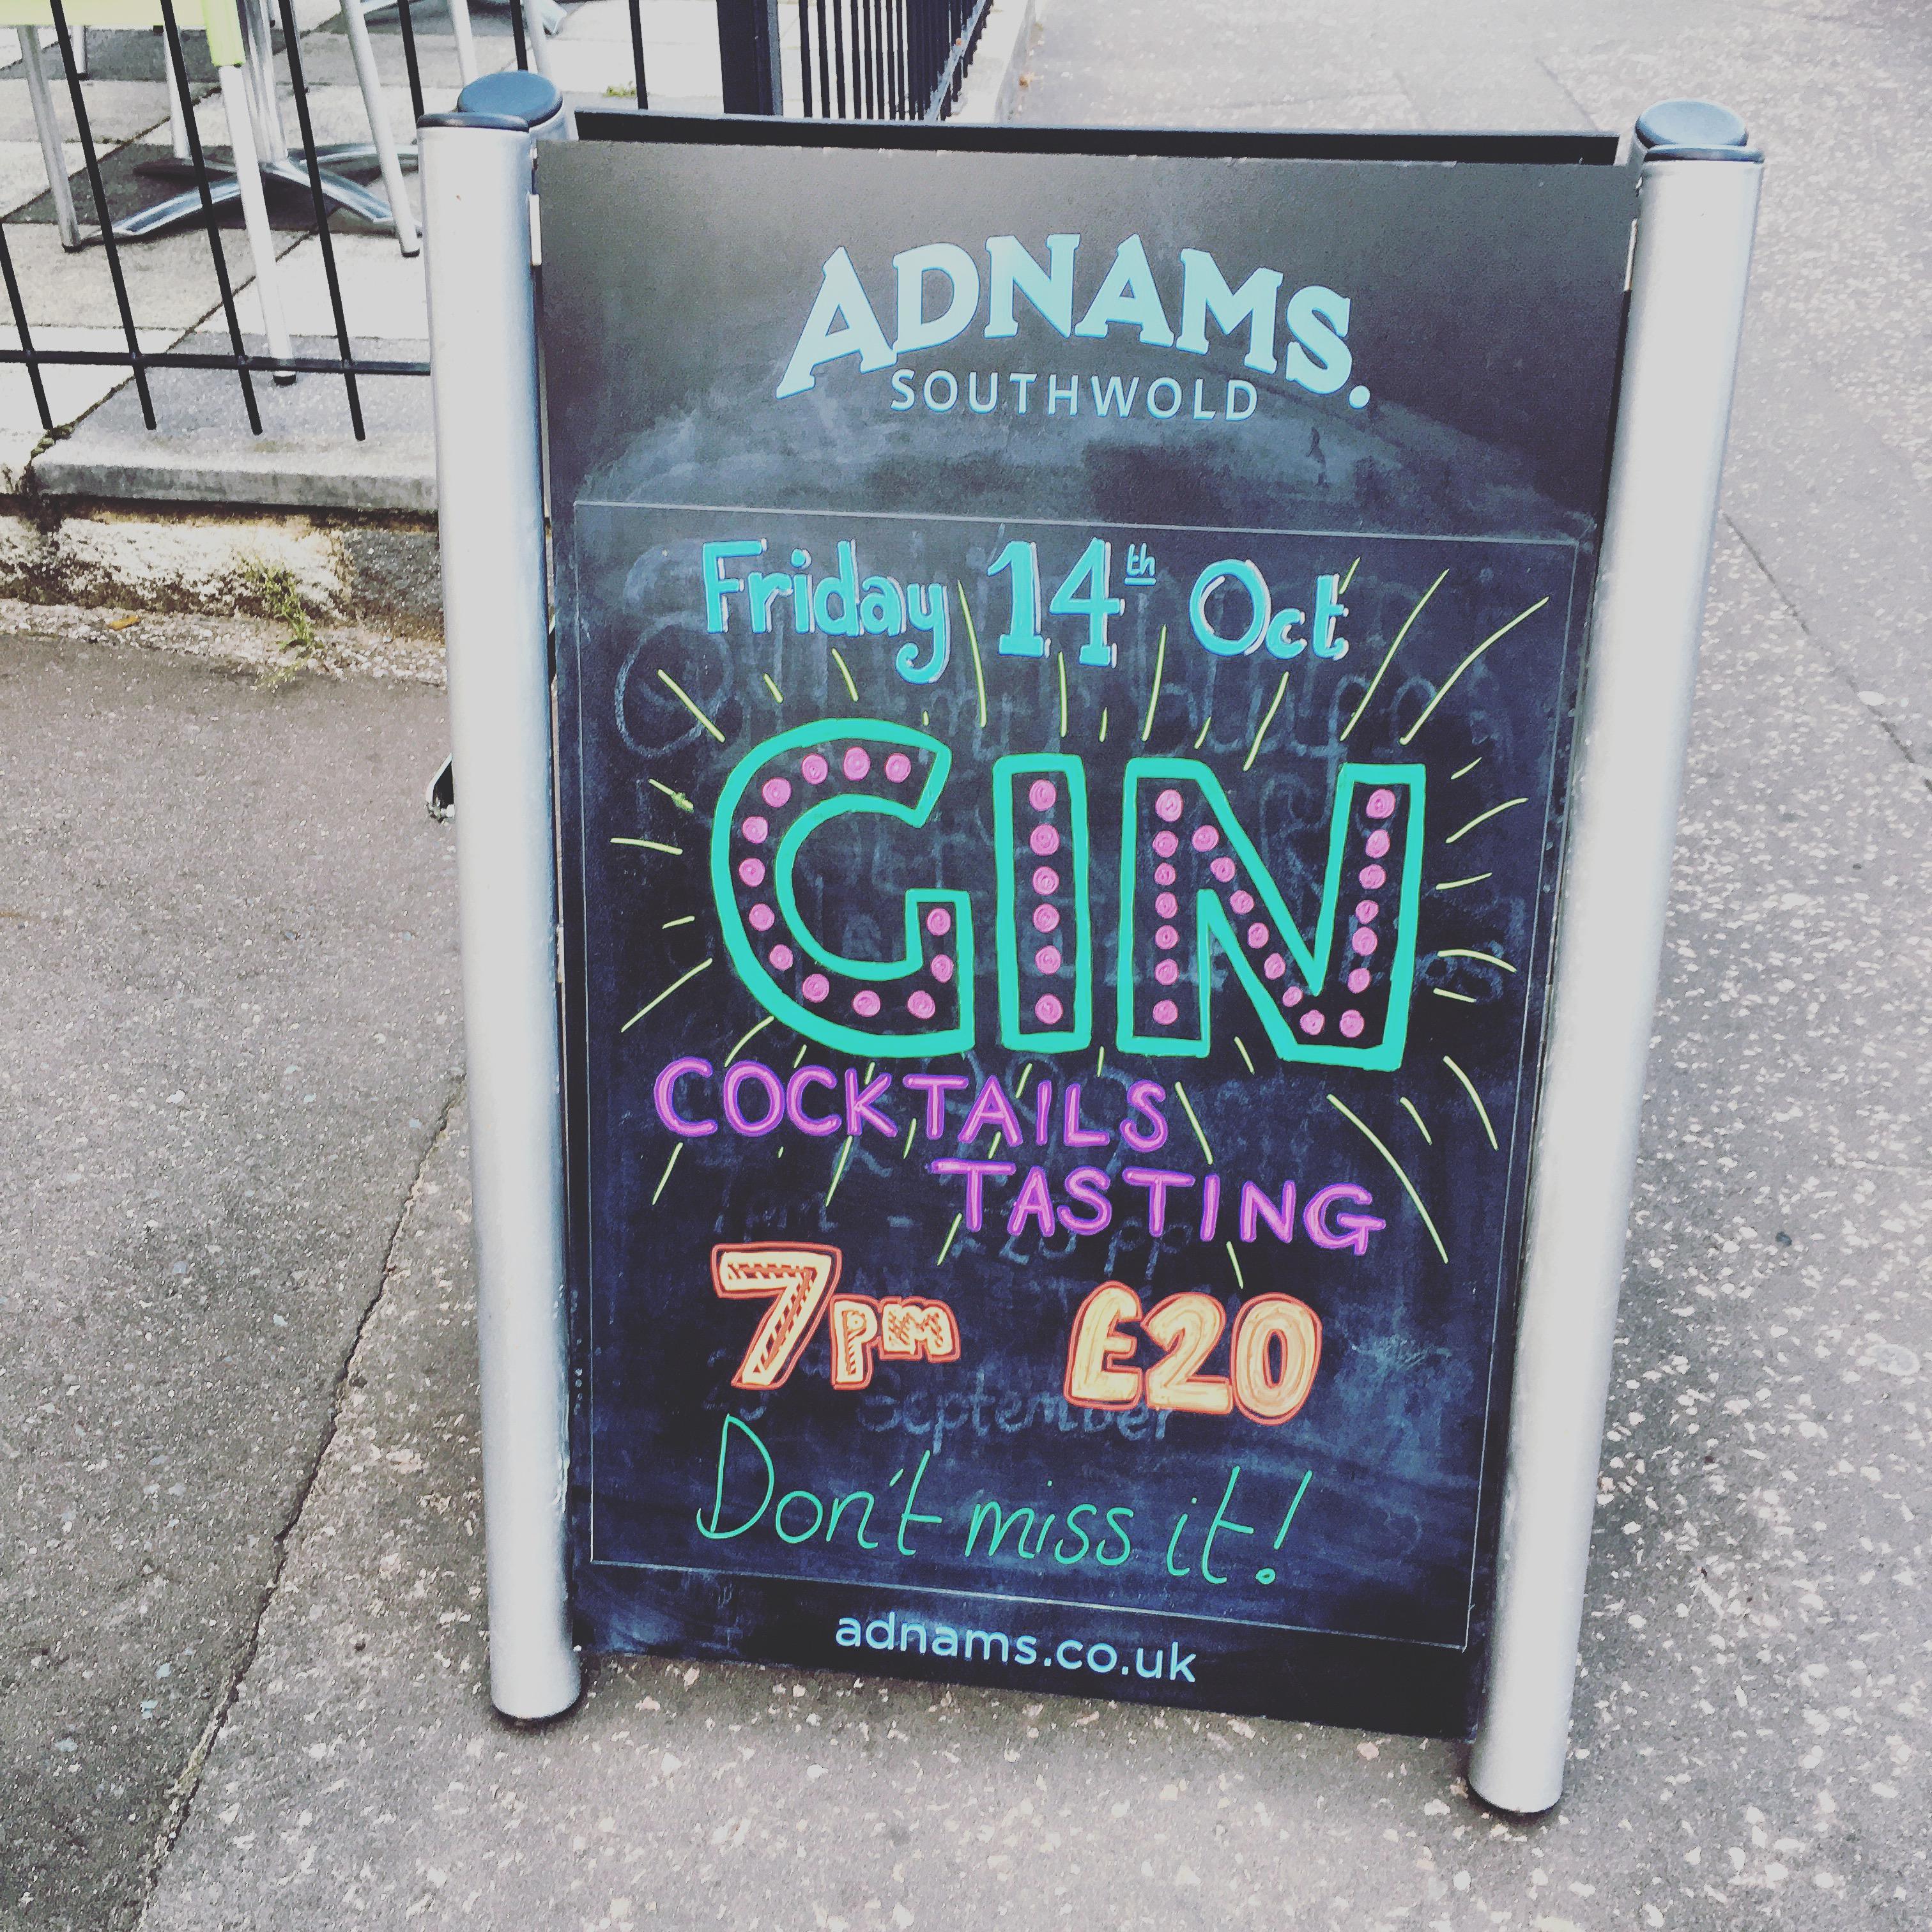 Norwich Cocktail Week Begins!